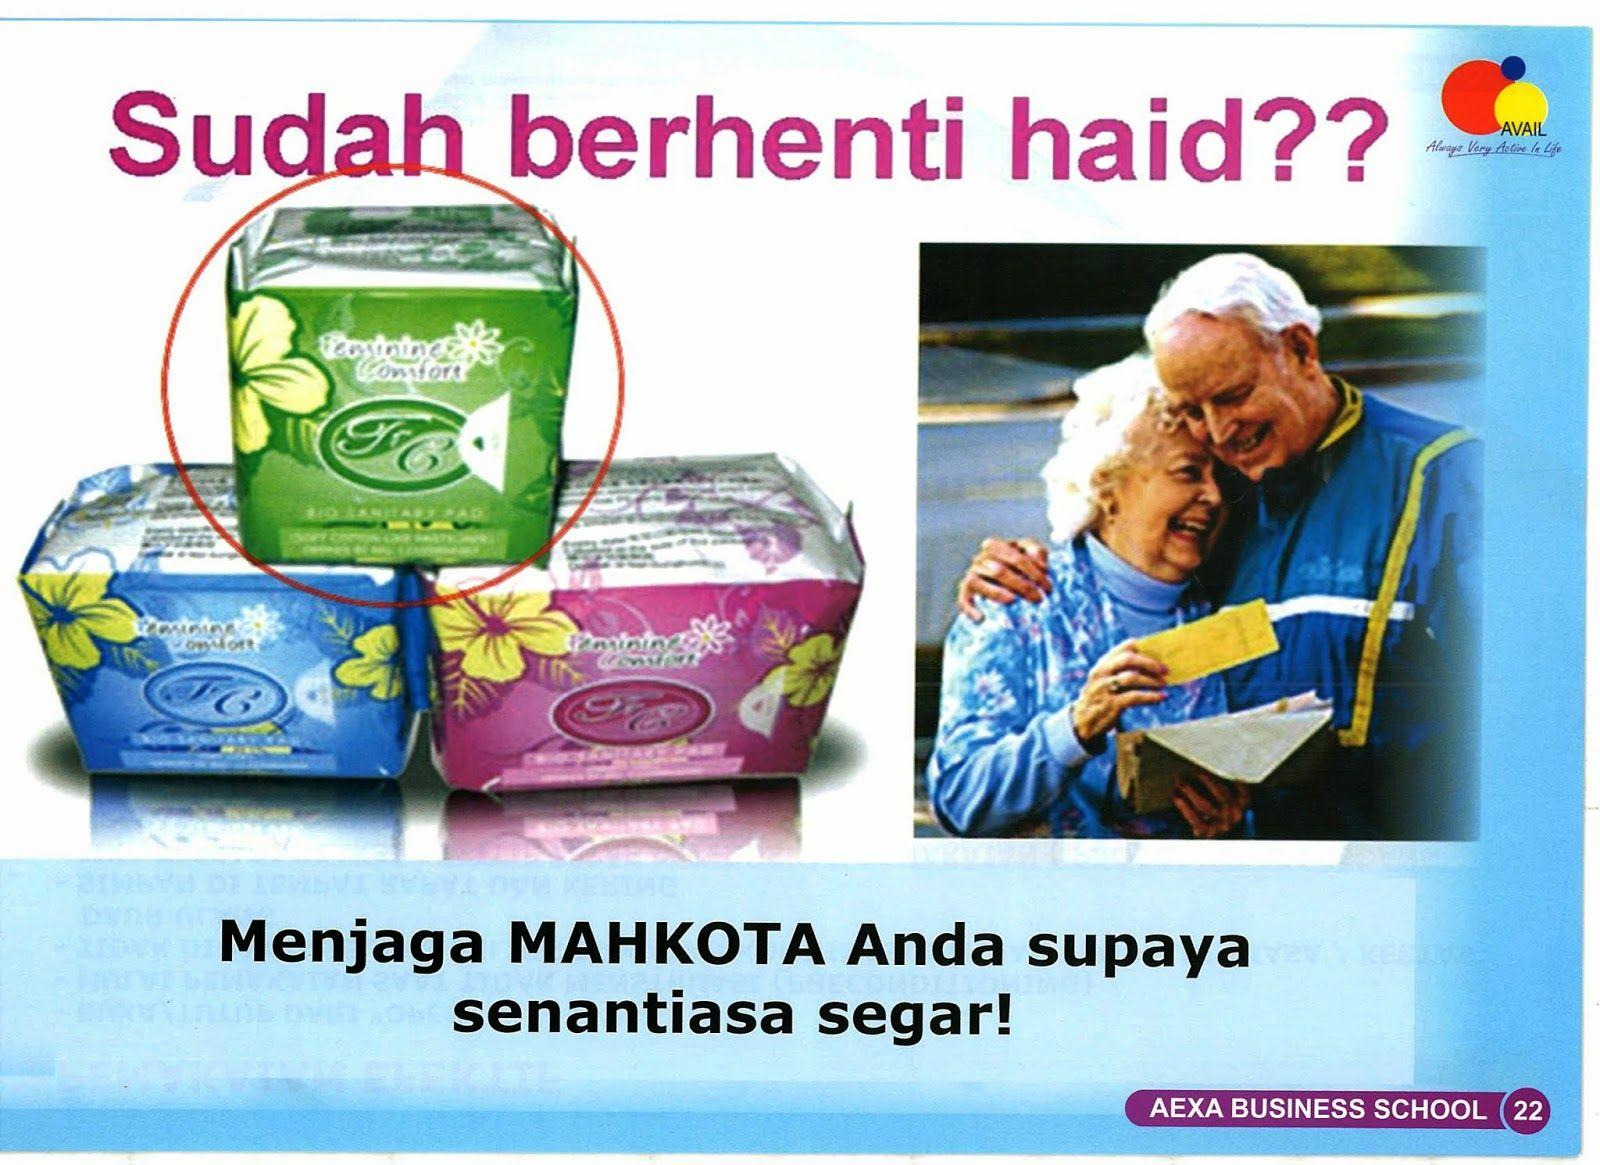 Avail Bali Pembalut Fc Bio Sanitary Pad Herbal Menjaga Mahkota